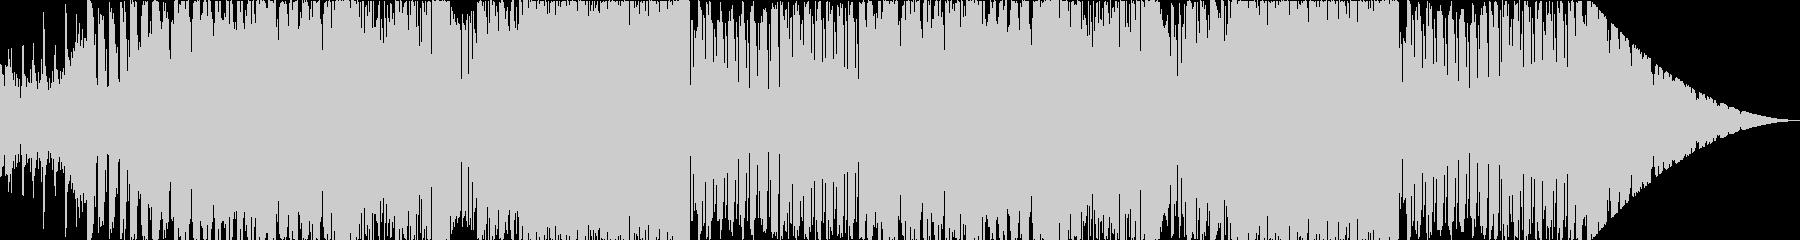 PD◆EDM風パッヘルベルのカノンの未再生の波形